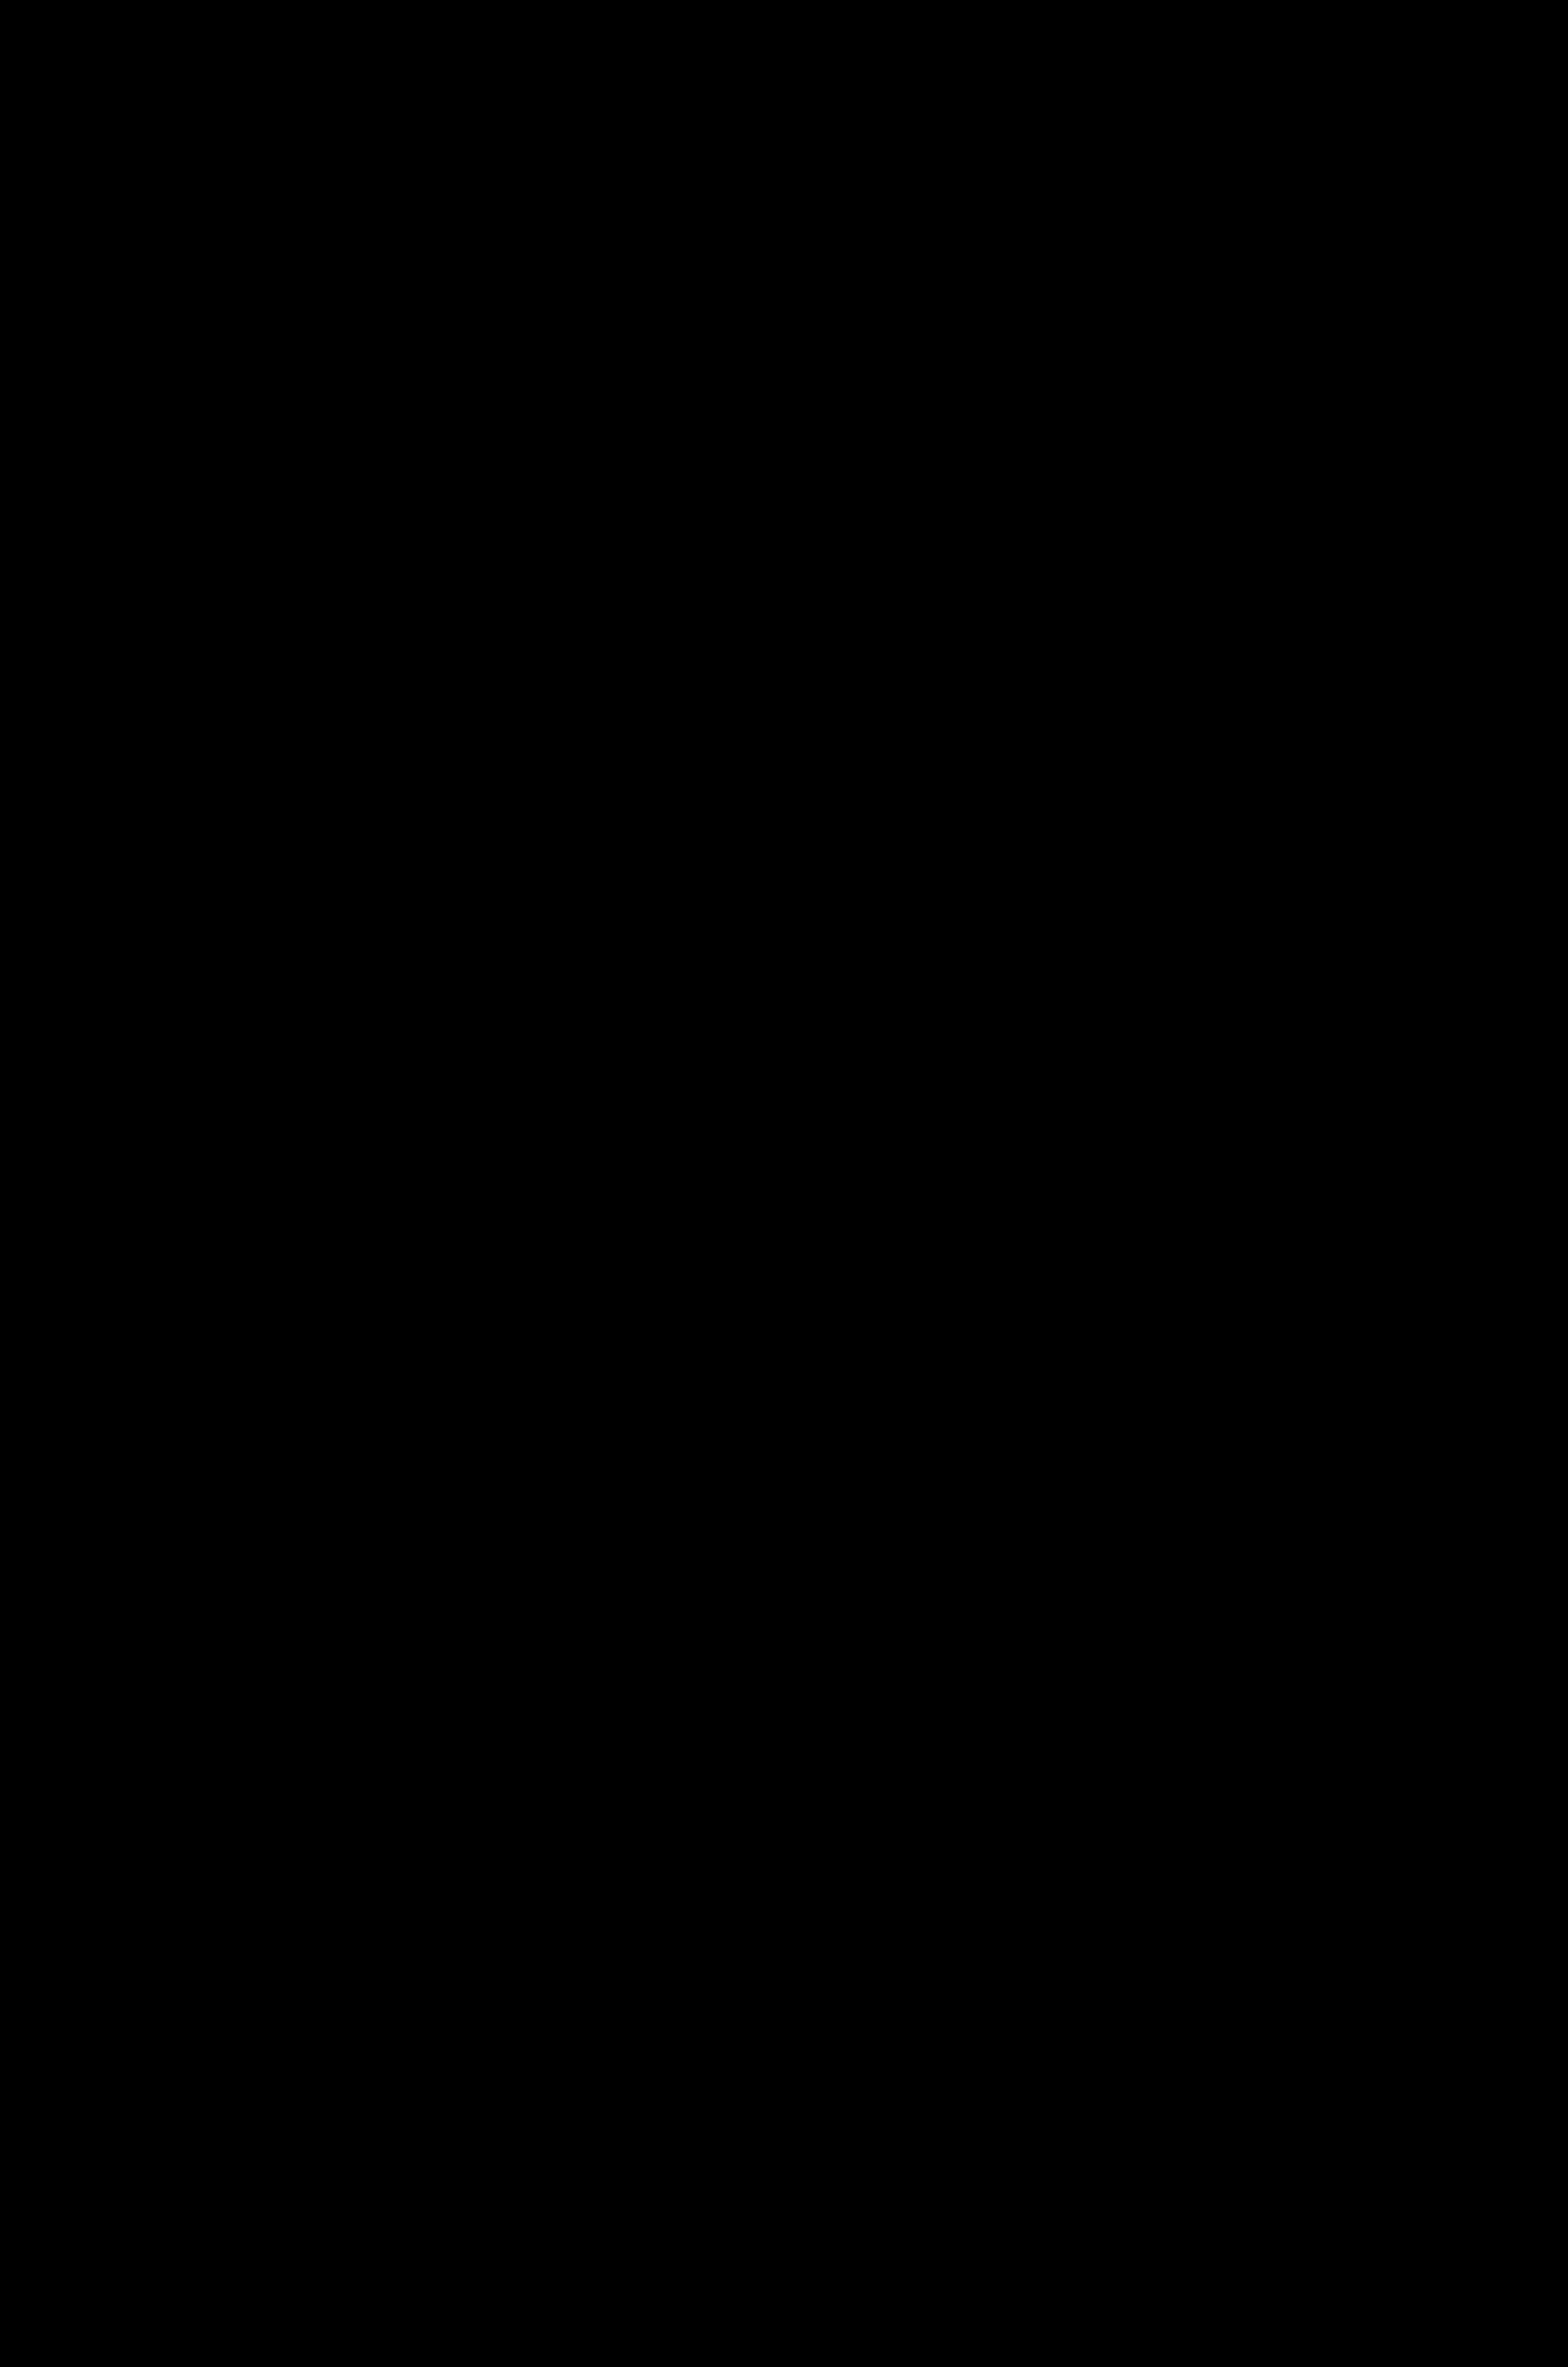 Il crogiuolo, NurArcheoFestival – XIII edizione: giovedì 29 luglio Iaia Forte e Rita Atzeri insieme protagoniste di due spettacoli al Nuraghe Arrubiu di Orroli